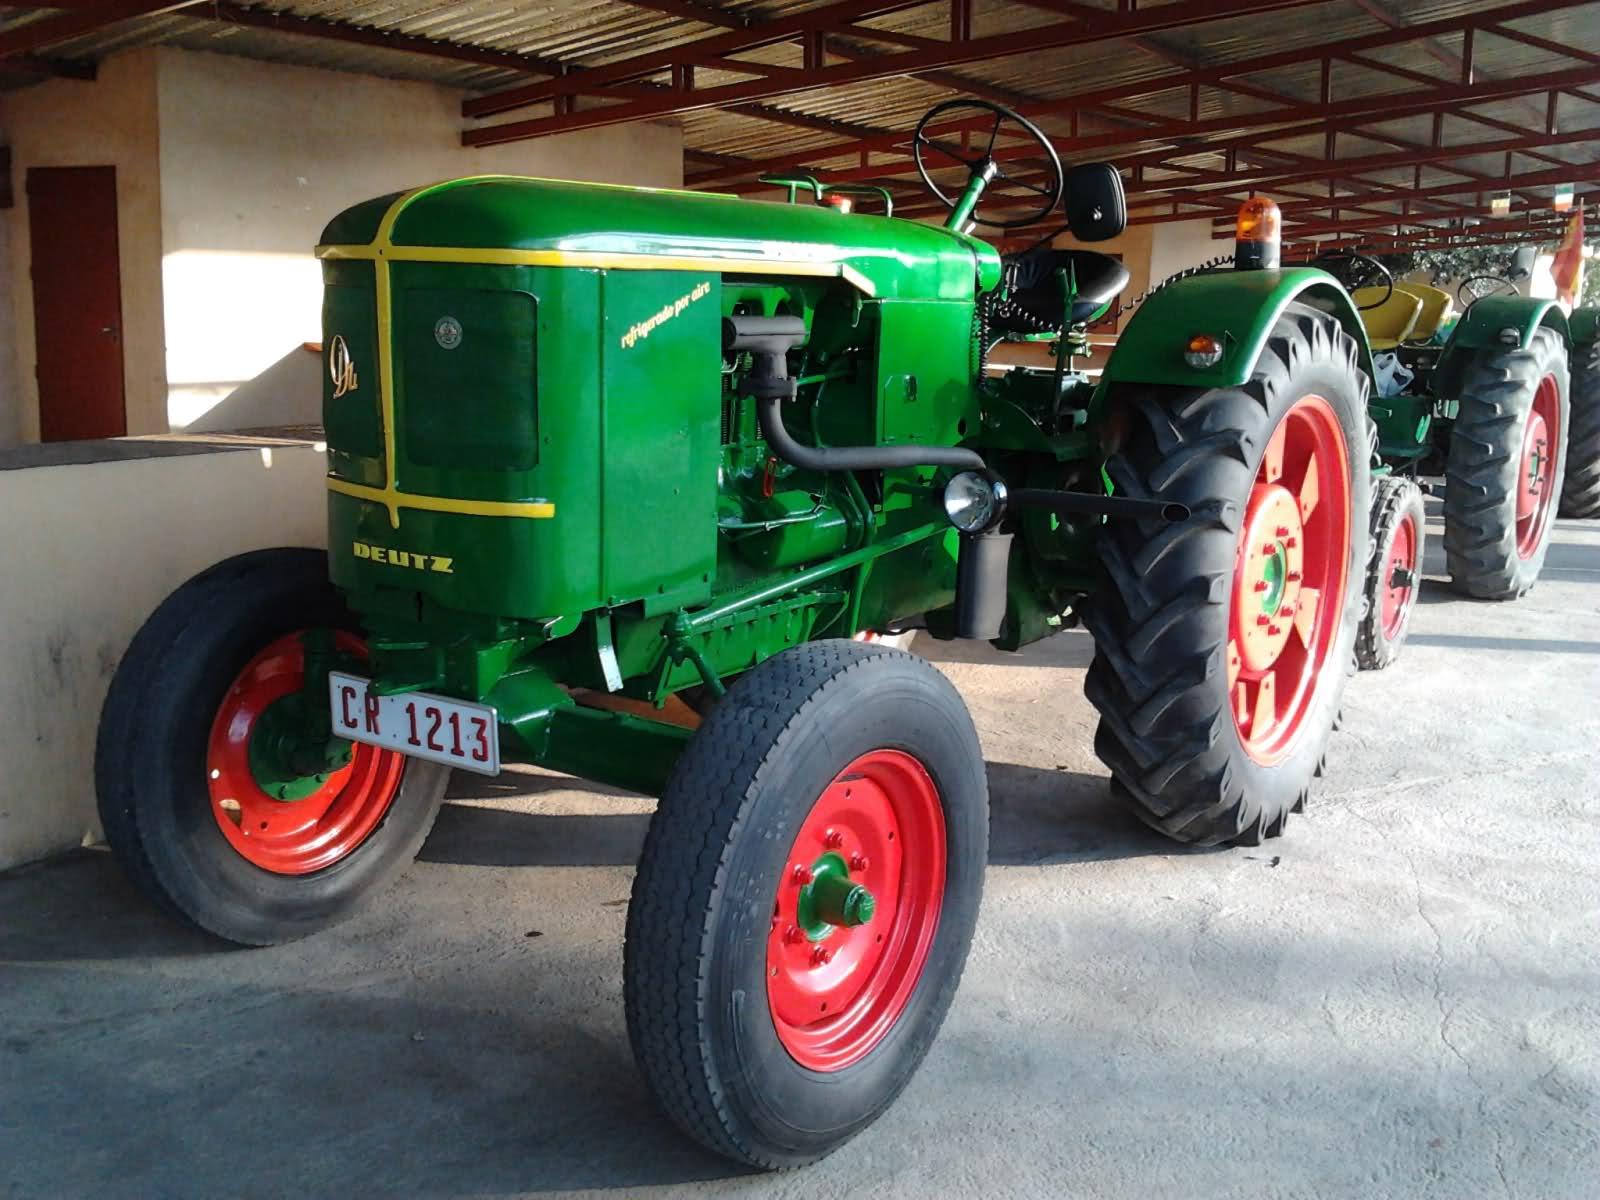 [Malagón] Exposición tractores antiguos Malagón (18 y 19 julio 2012) De5wuv